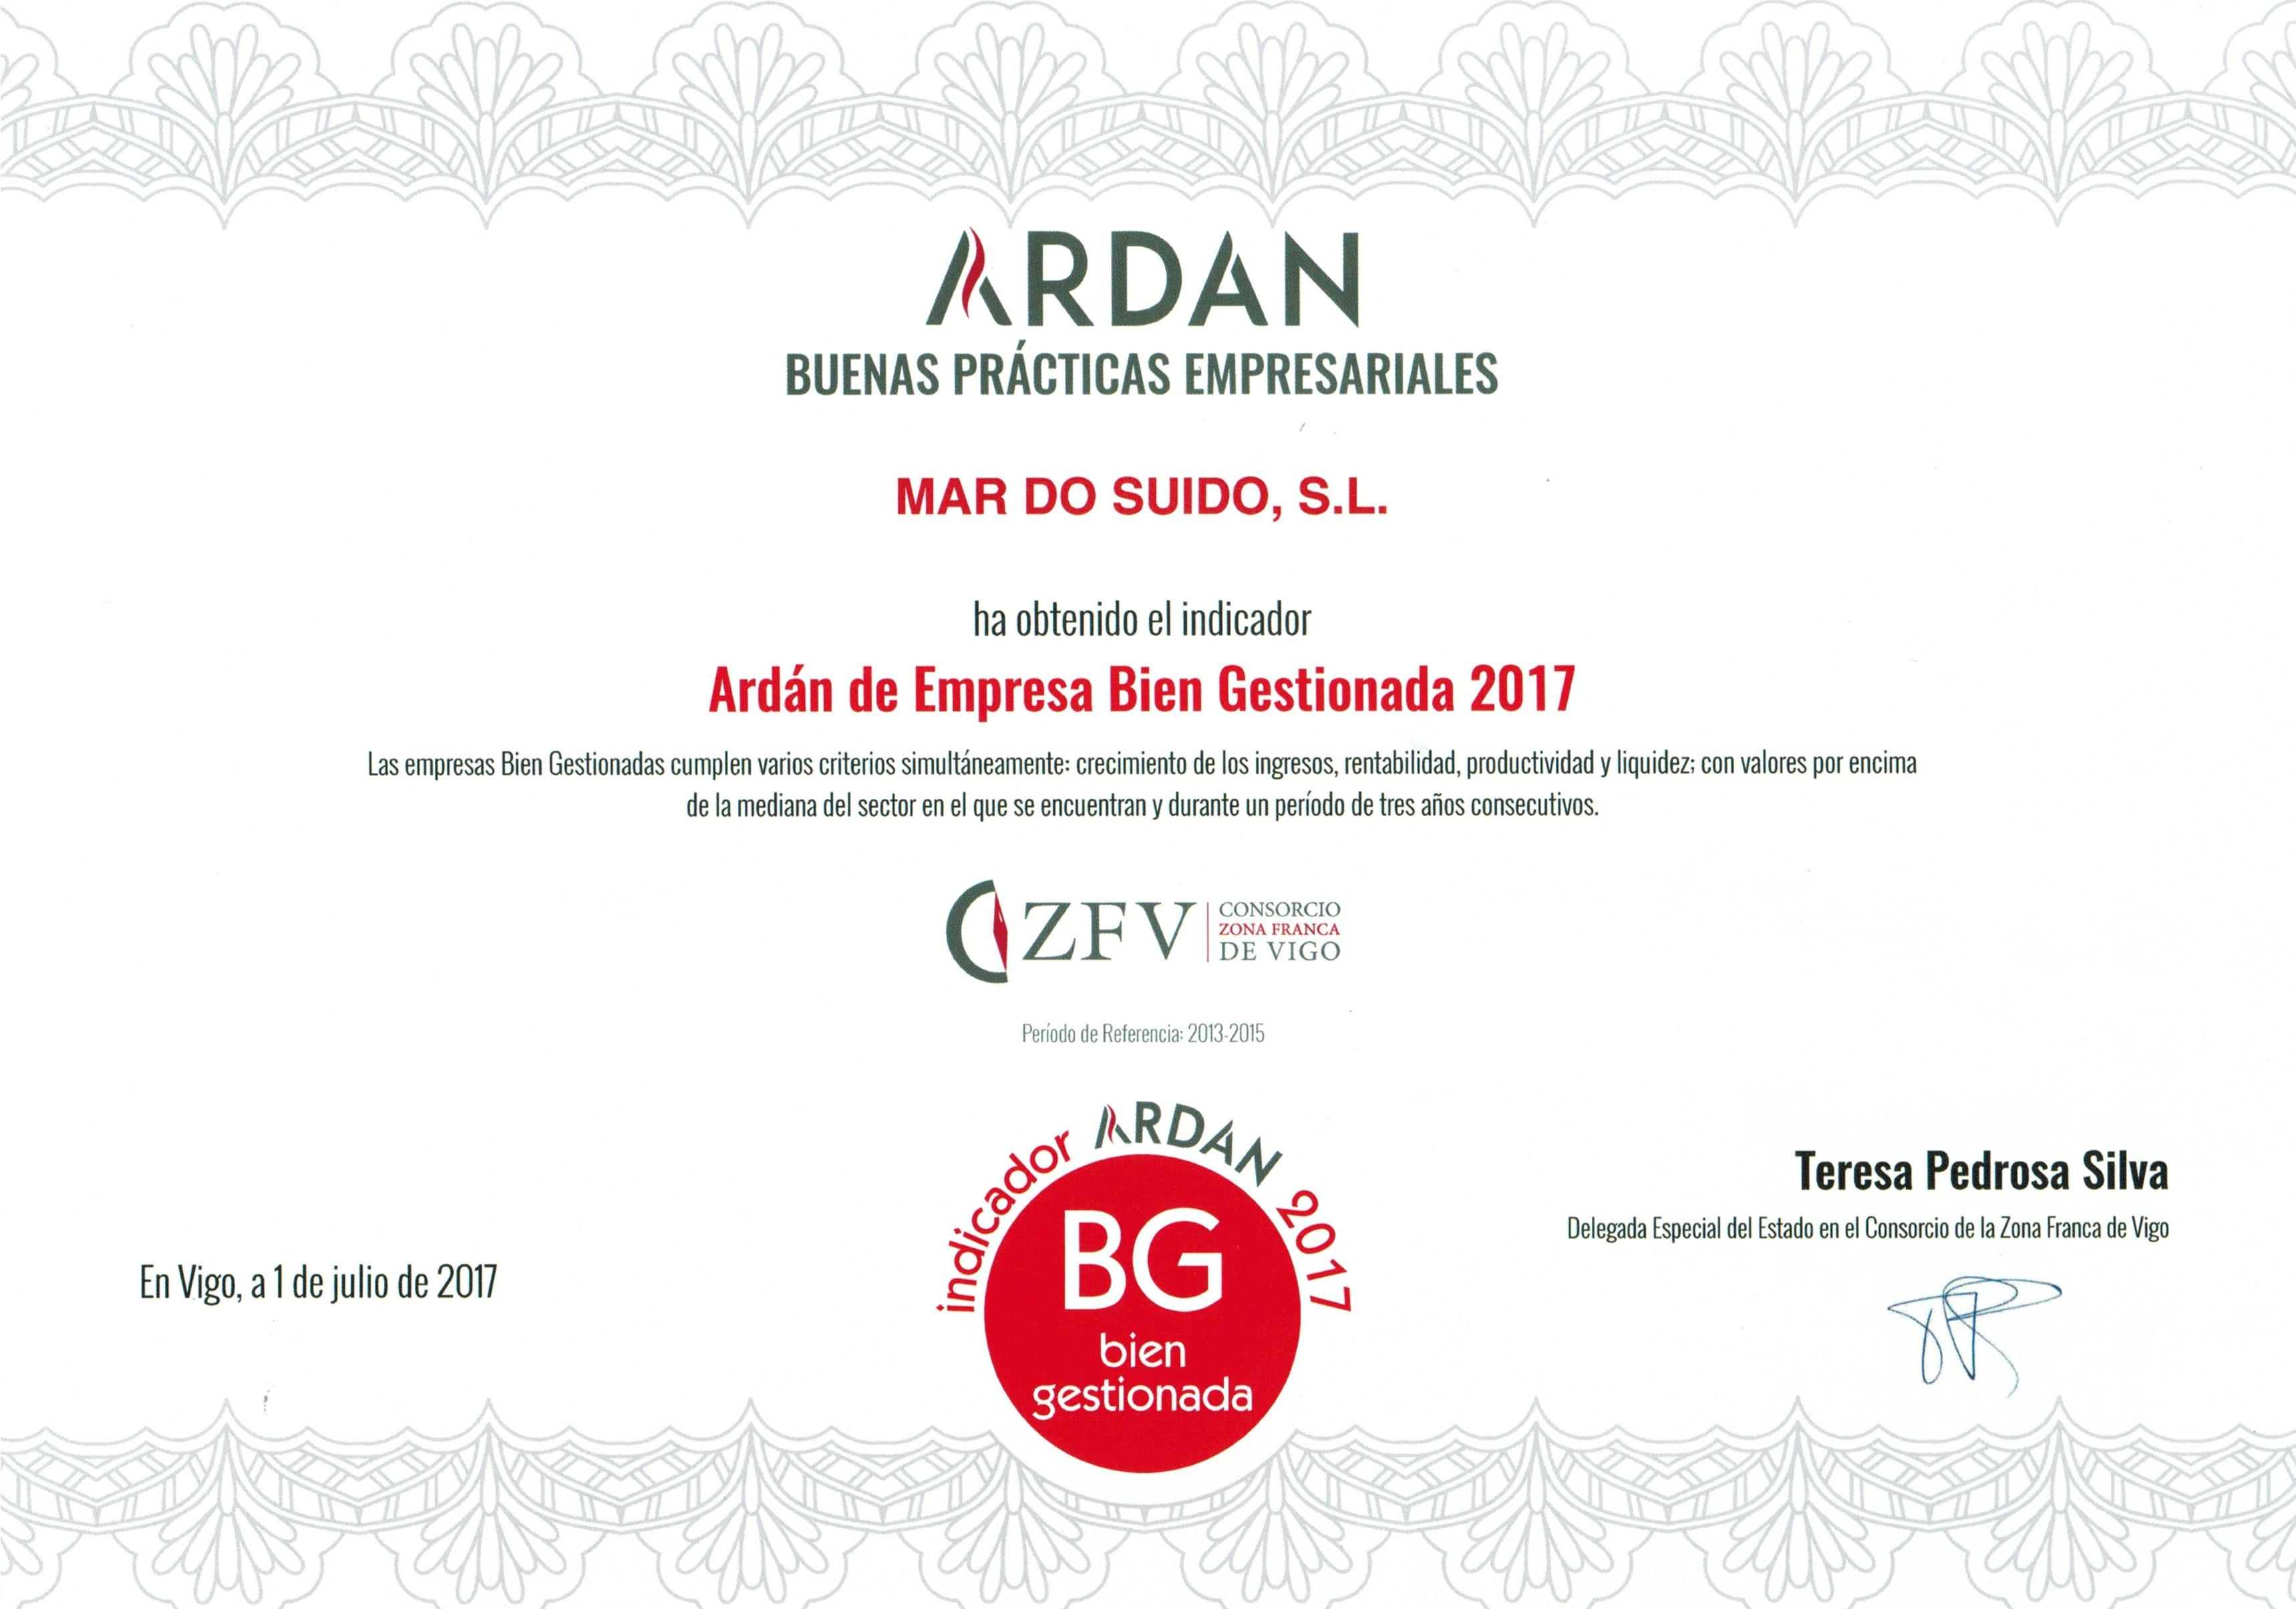 Premio ARDAN-MAR DO SUIDO ganadora del premio buenas prácticas empresariales 2017